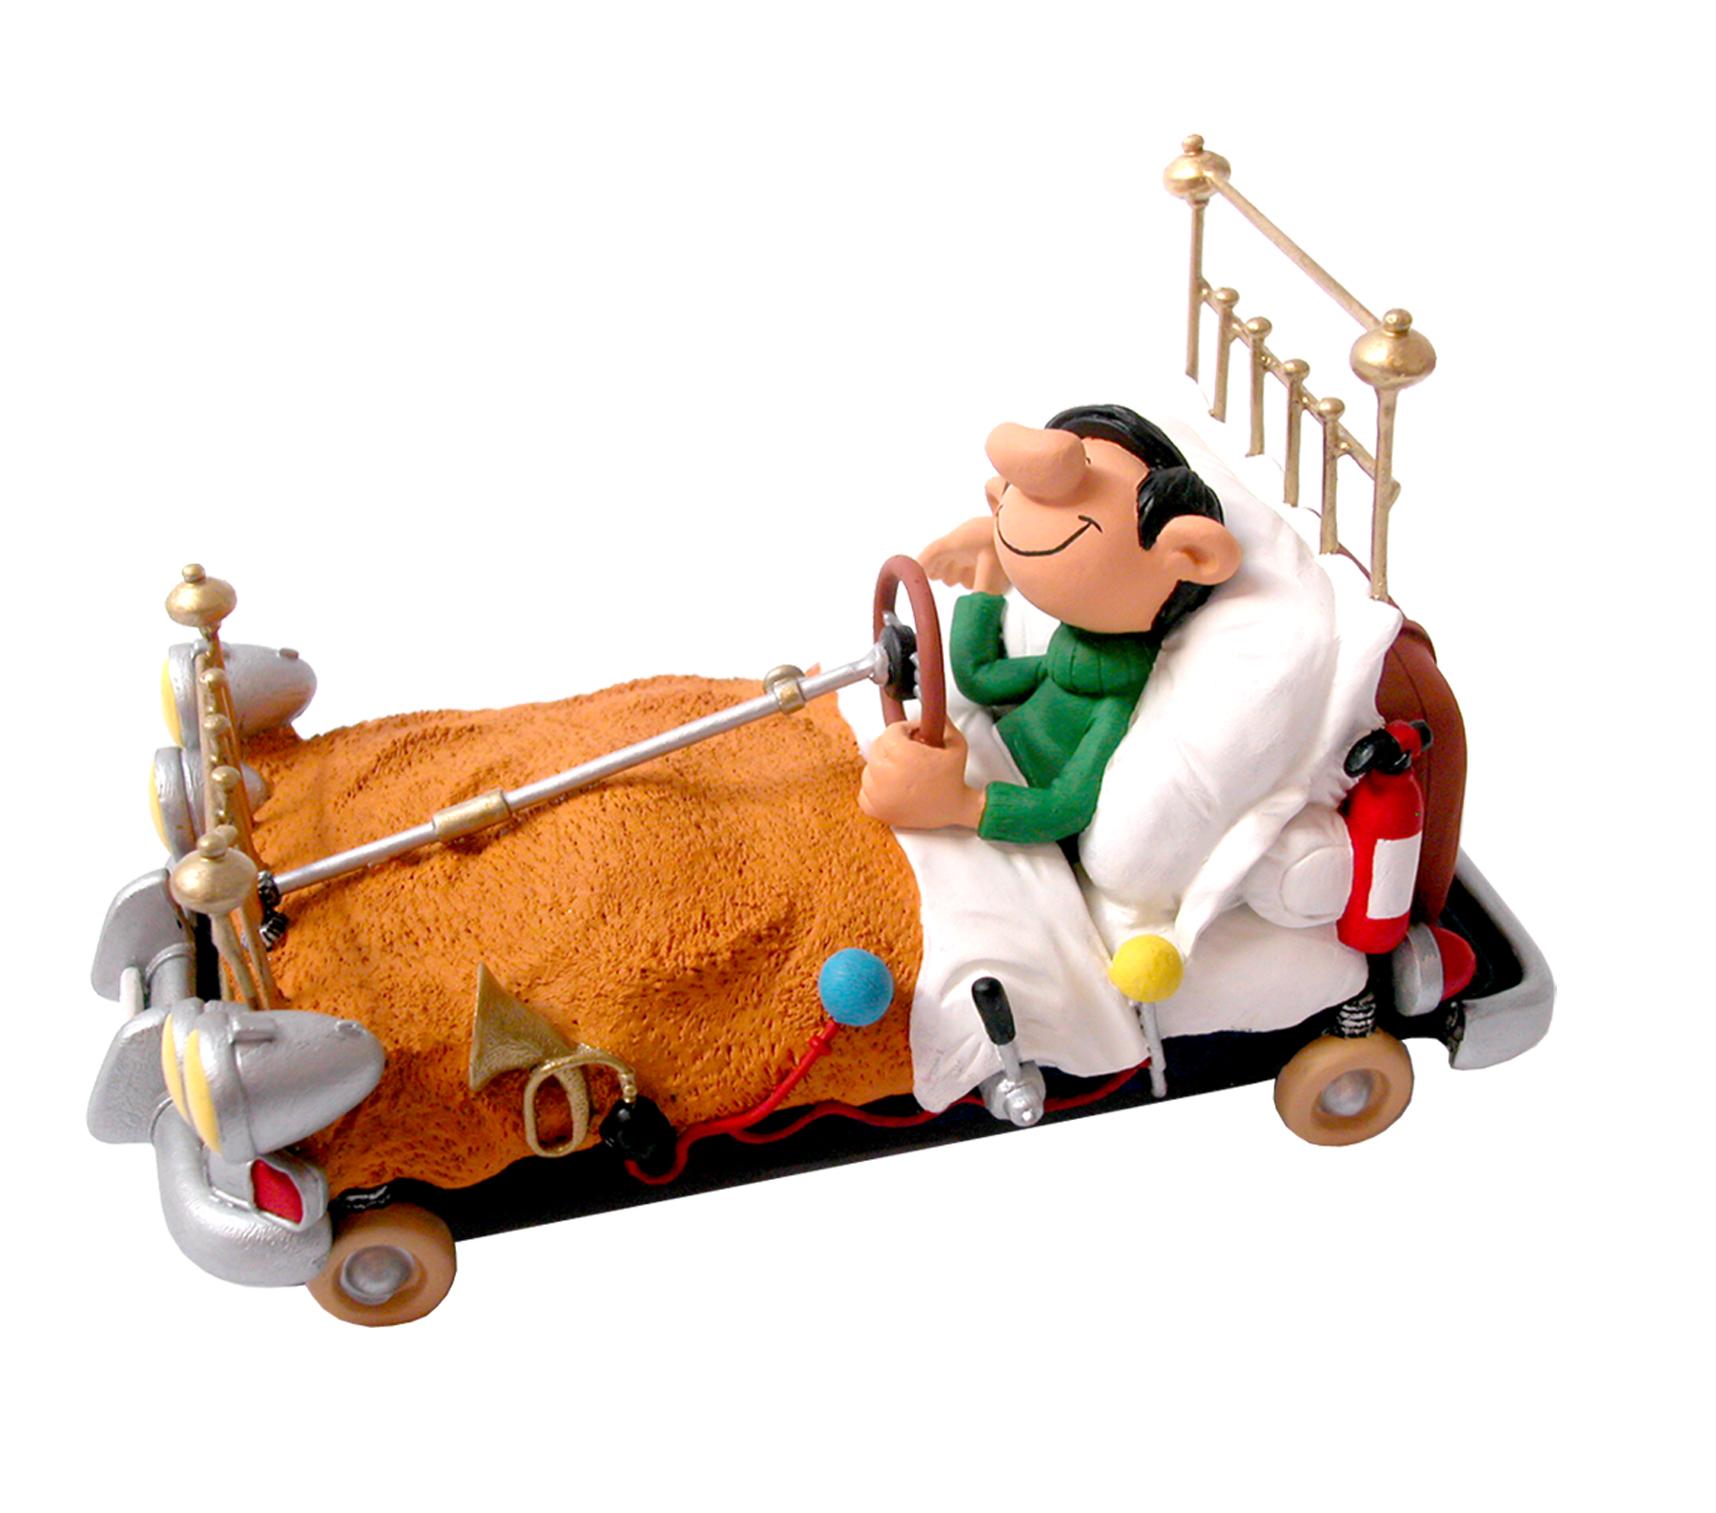 p307 gaston gaston im autobett kunstharzfigur axse die welt der comicfiguren. Black Bedroom Furniture Sets. Home Design Ideas